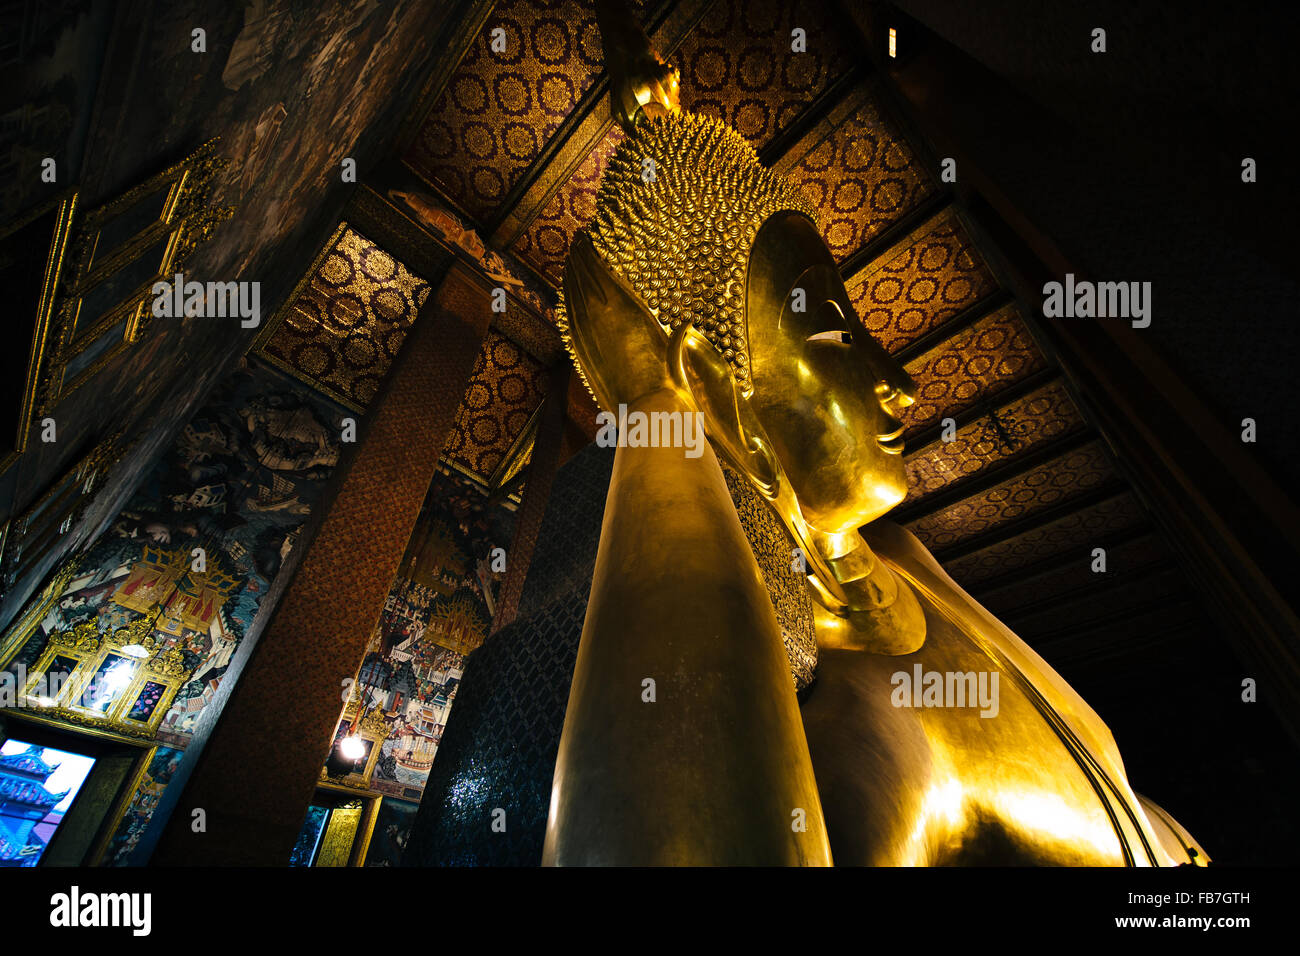 El Buda reclinado en Wat Pho, en Bangkok, Tailandia. Imagen De Stock